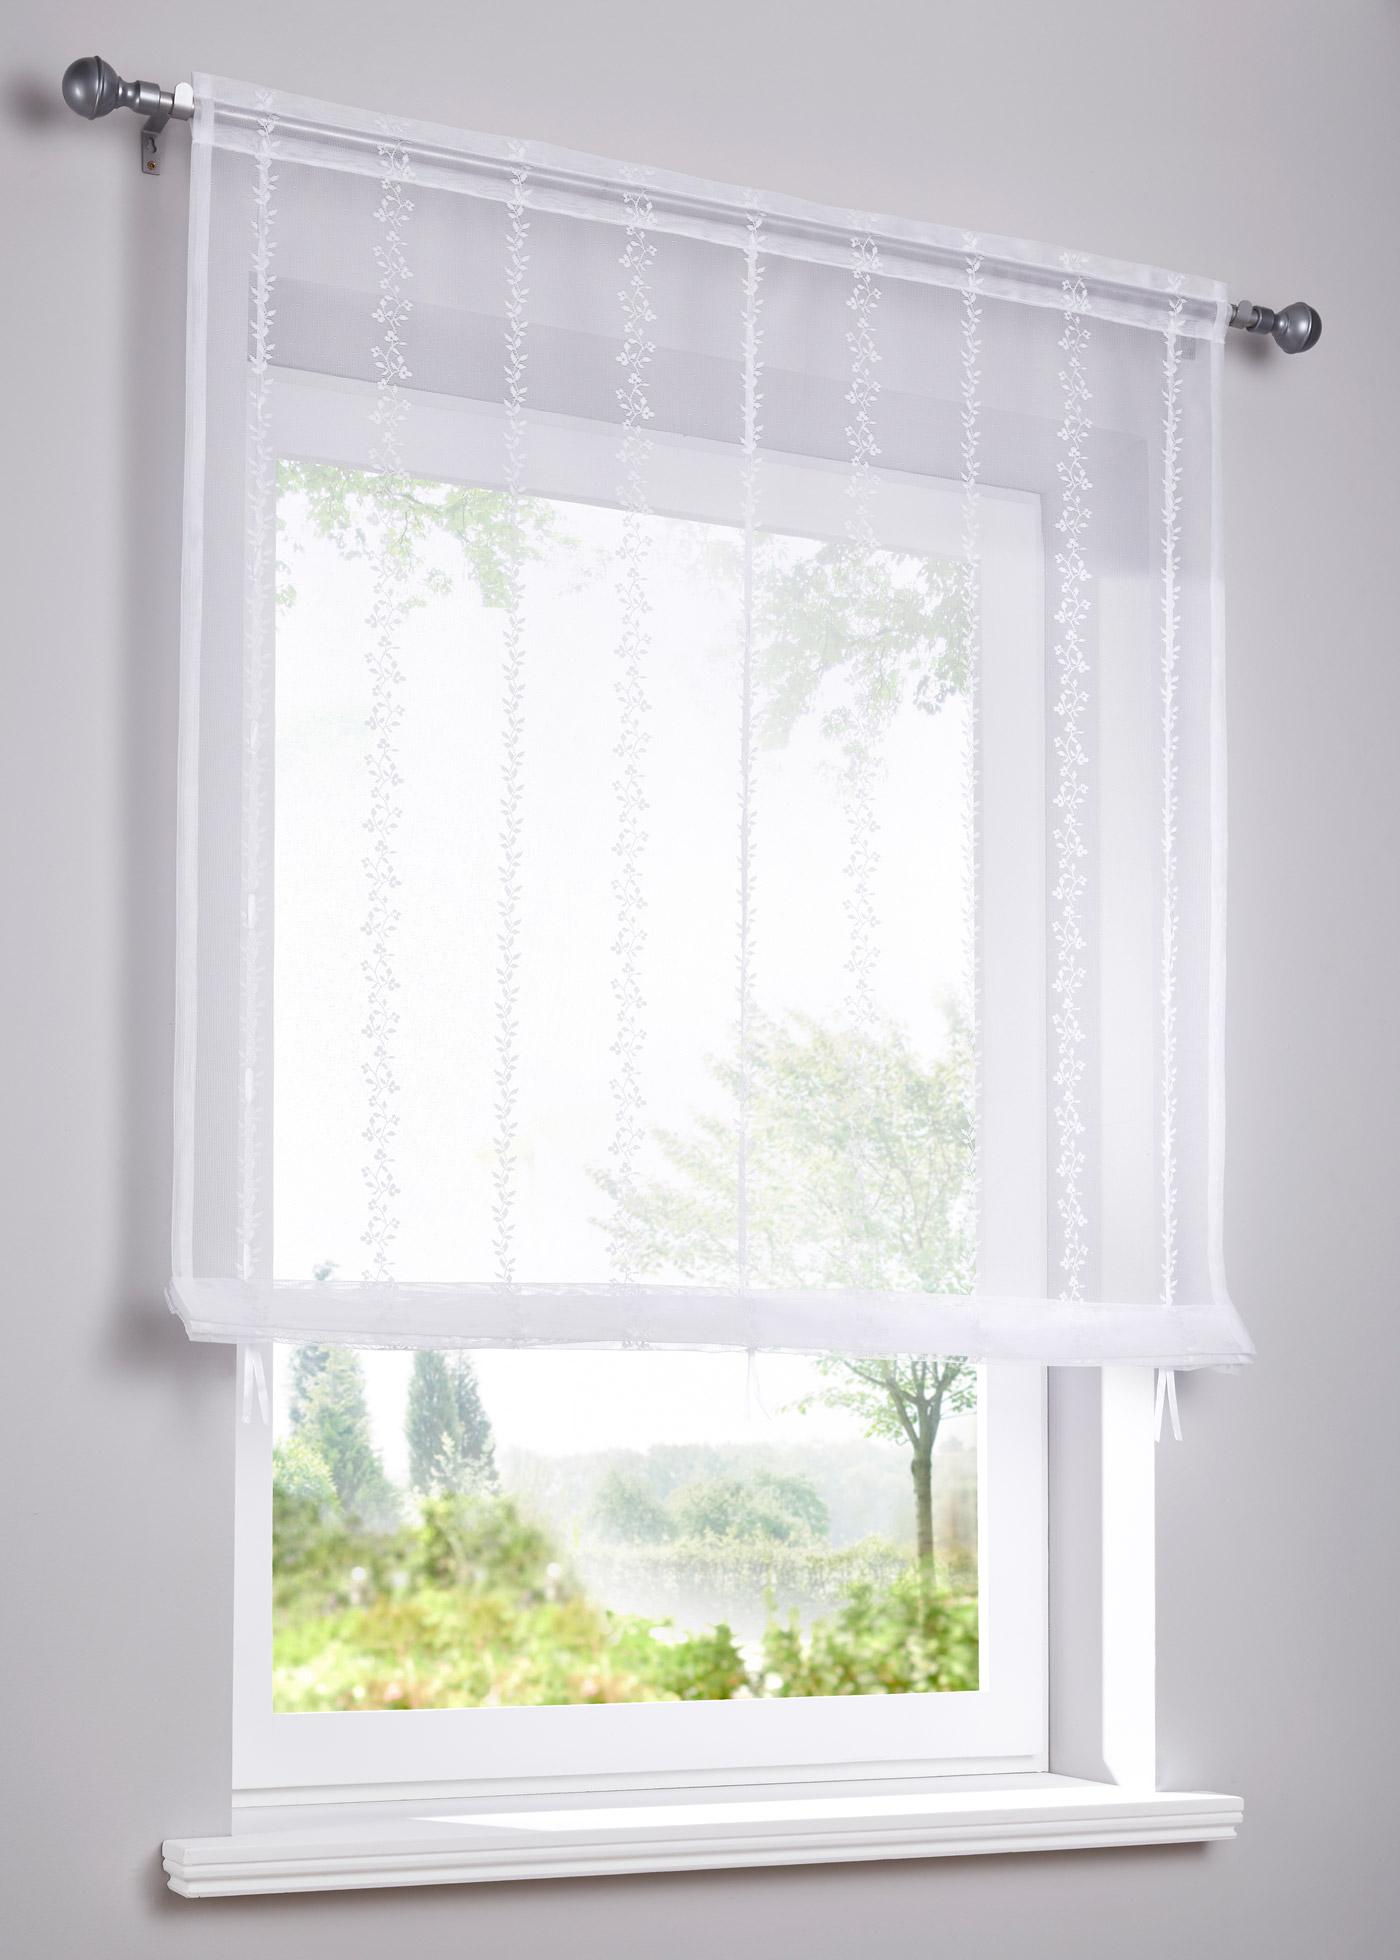 Store à nouer en jacquard transparent de qualité élevée, motif féminin, dimensions = dimensions du tissu, accrochage par coulisse passe-tringle, barre de lestage incluse.